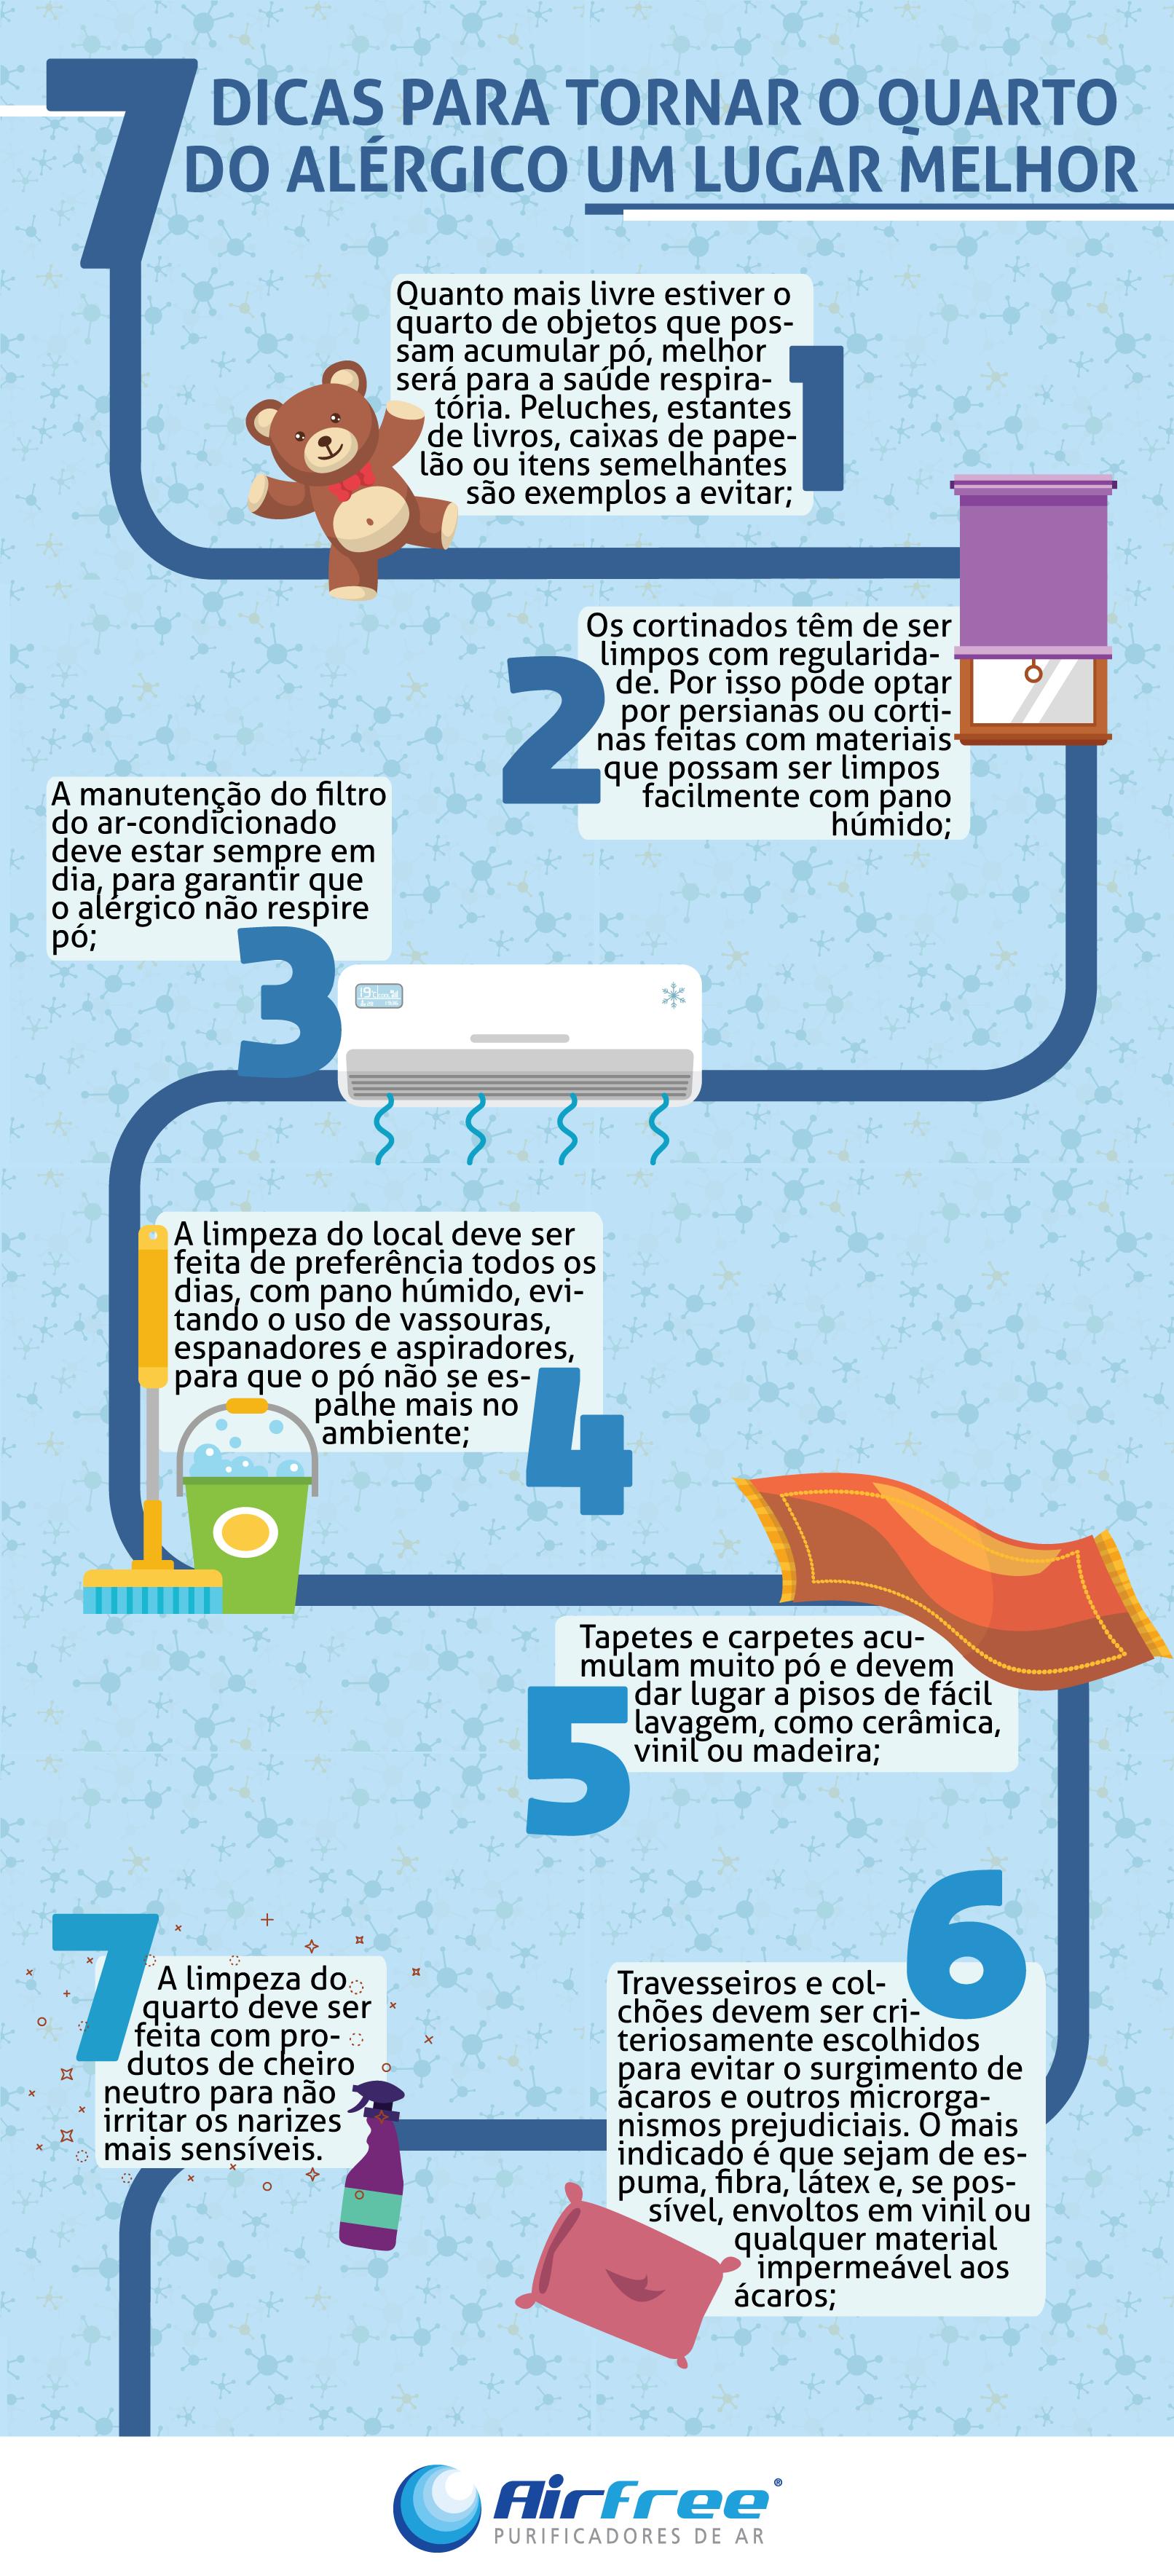 dicas de como tornar o quarto de um alérgico um lugar melhor